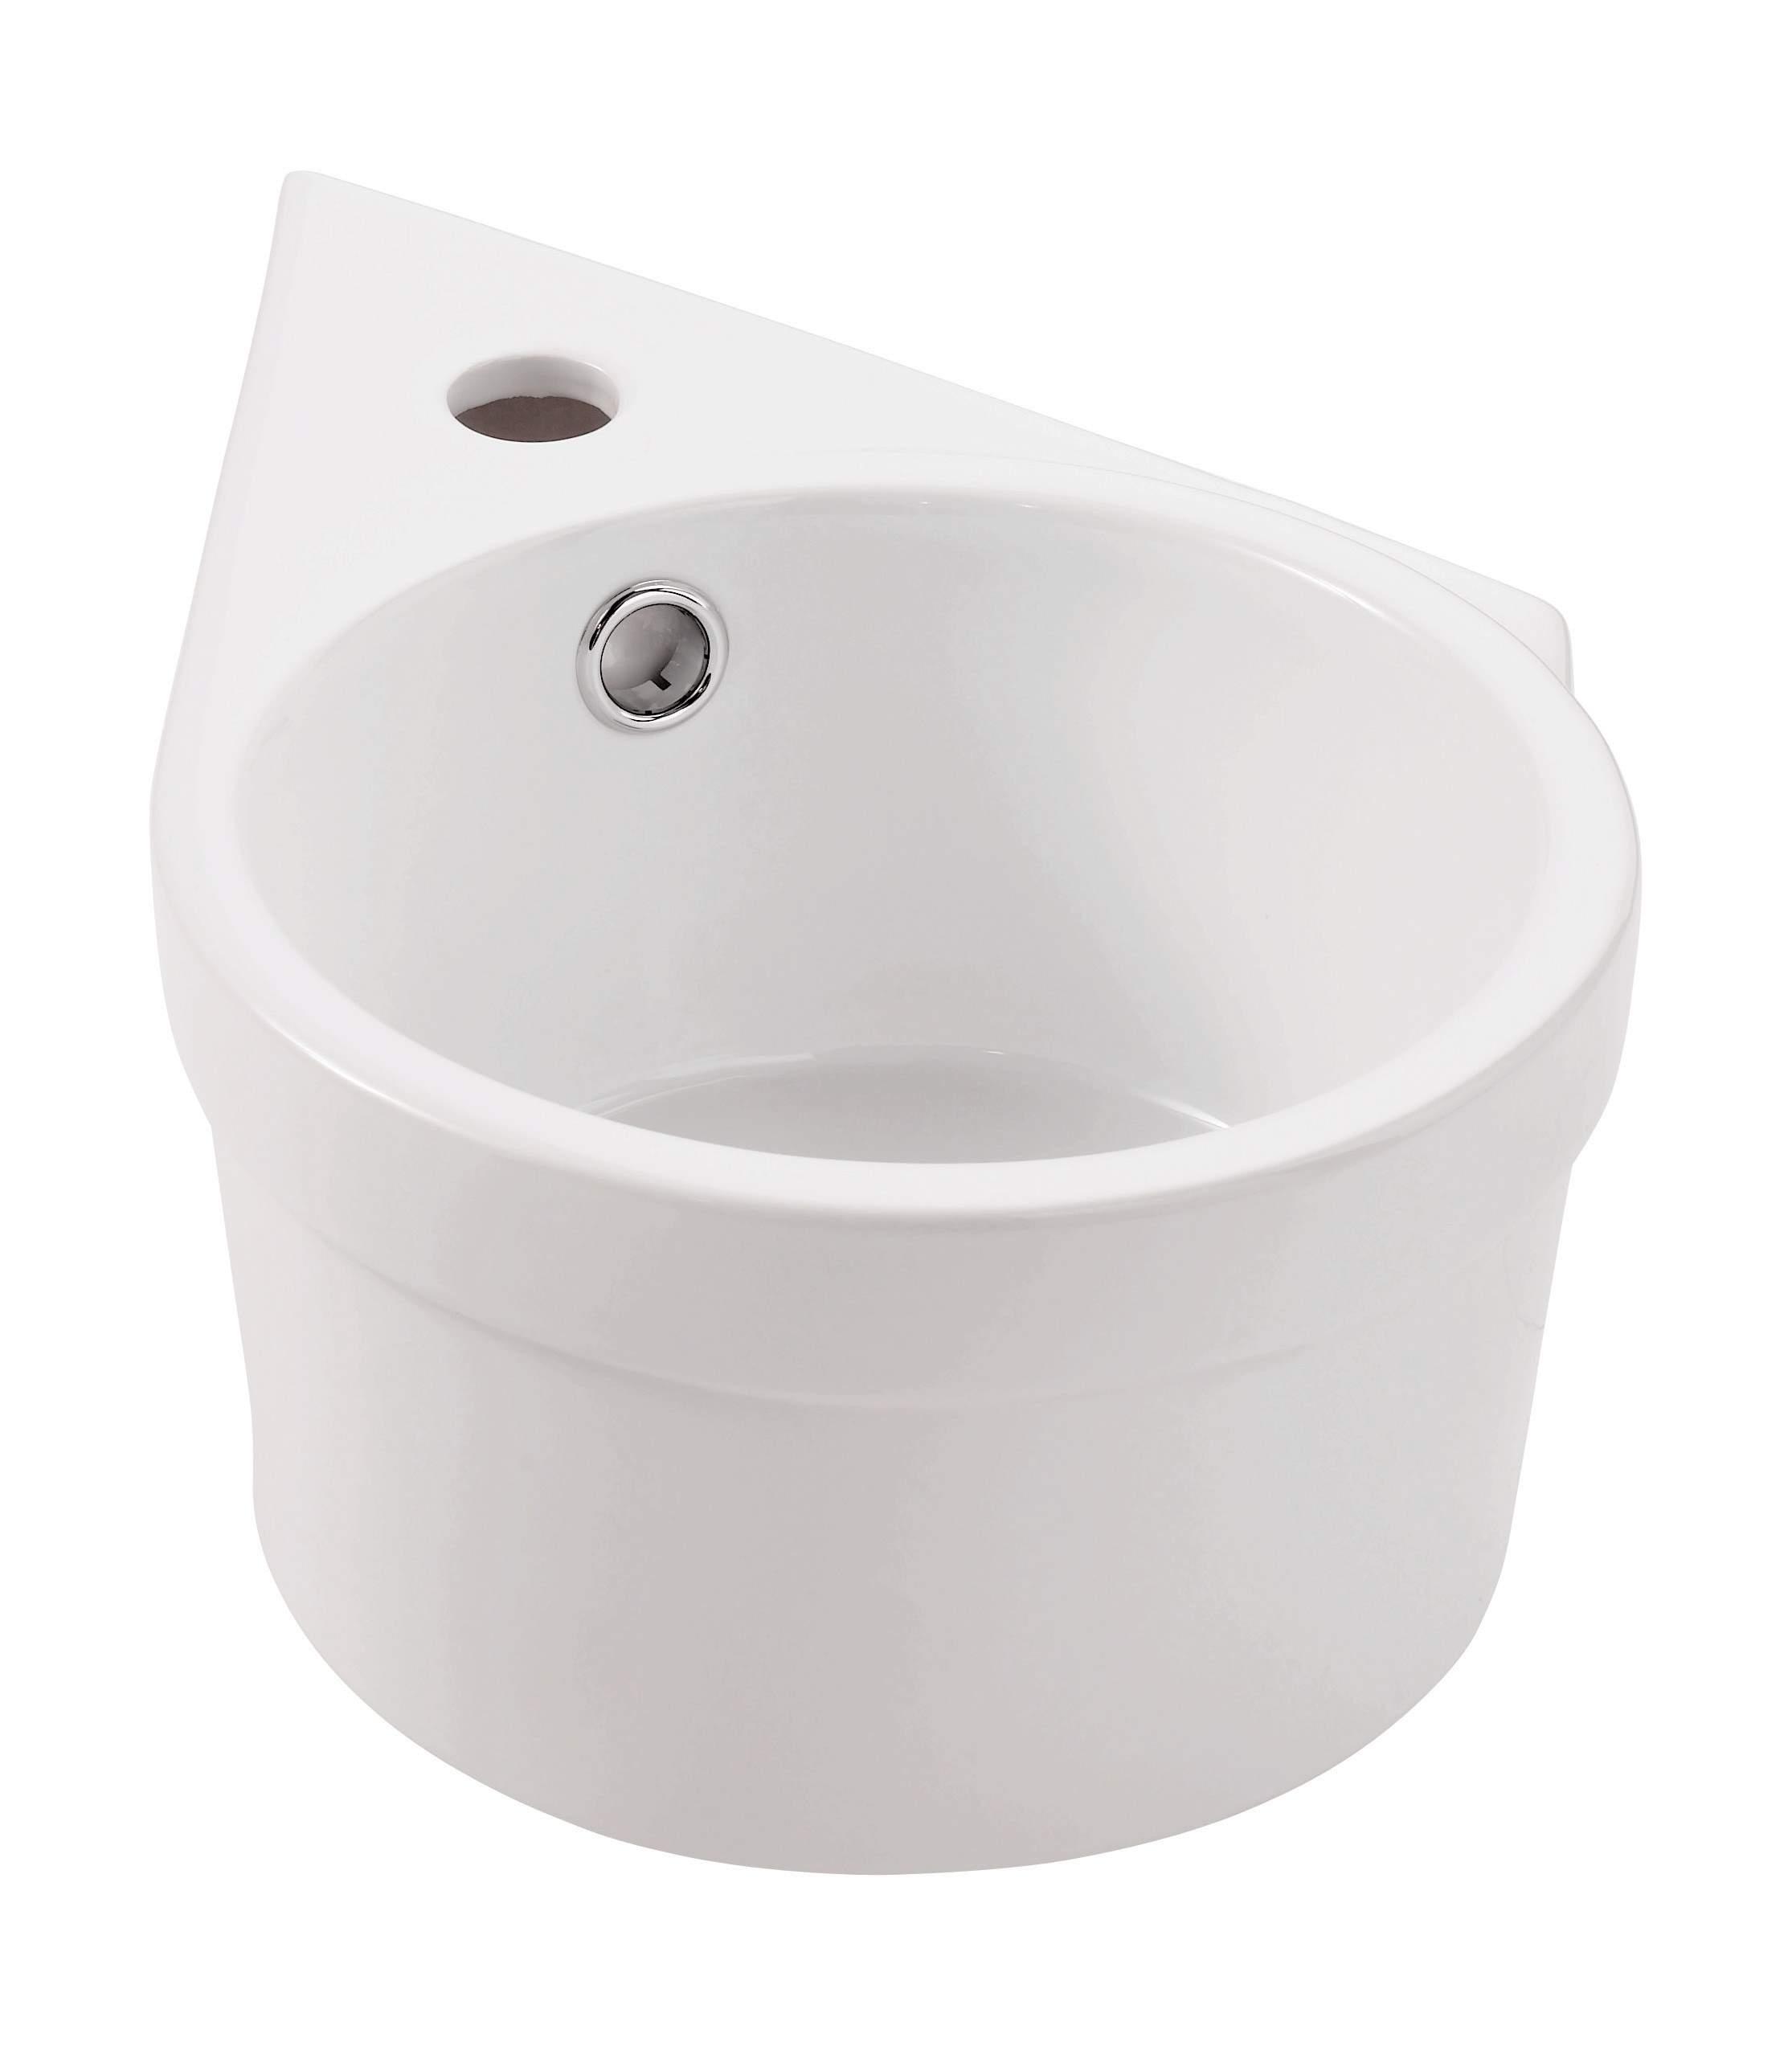 04BC2357 01 Waschbecken Eckwaschbecken Keramik weDDjbrnvhbxBN2